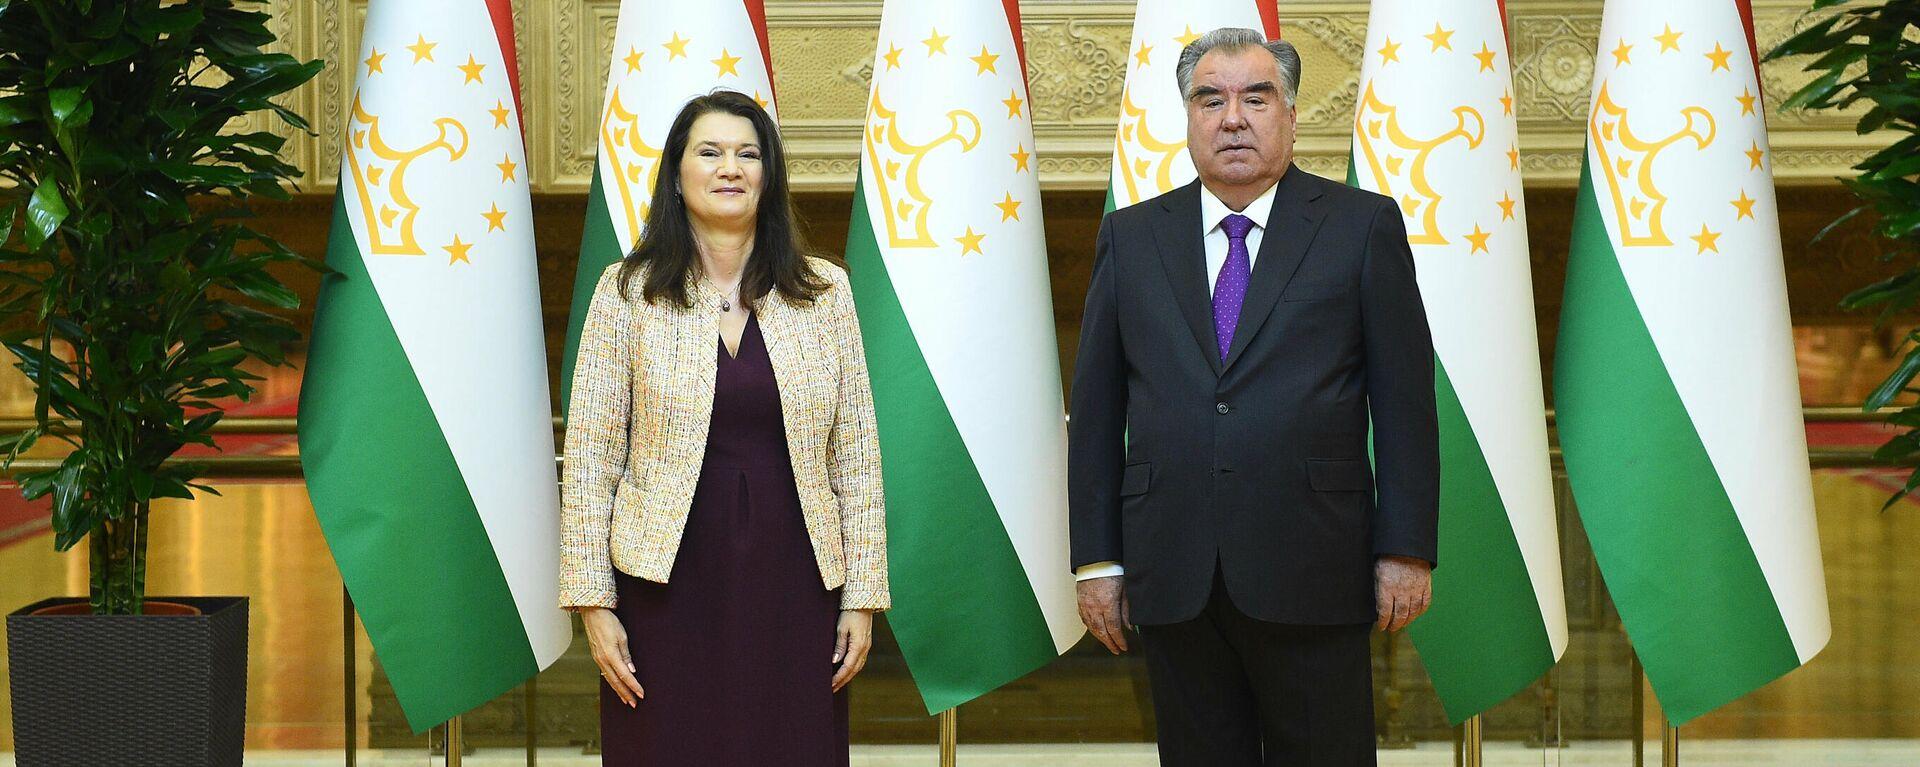 Глава ОБСЕ Анн Линде и президент Эмомали Рахмон - Sputnik Таджикистан, 1920, 15.04.2021